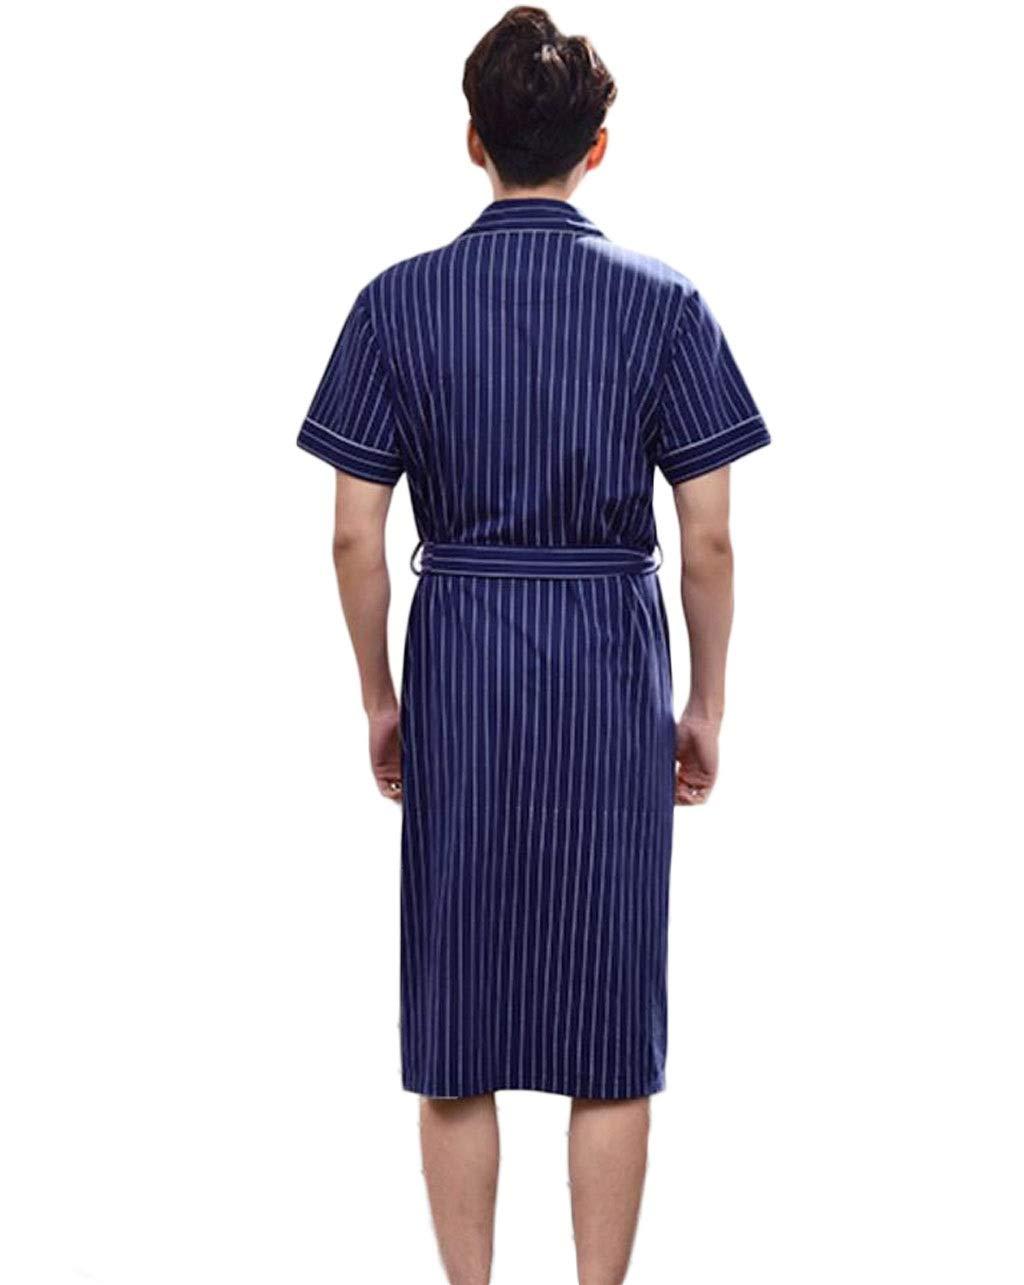 Verano Largo Color : Blue1, Tama/ño : M Pijamas de Gran tama/ño para Bata de ba/ño Bata de ba/ño de algod/ón GKKXUE Camis/ón para Hombres